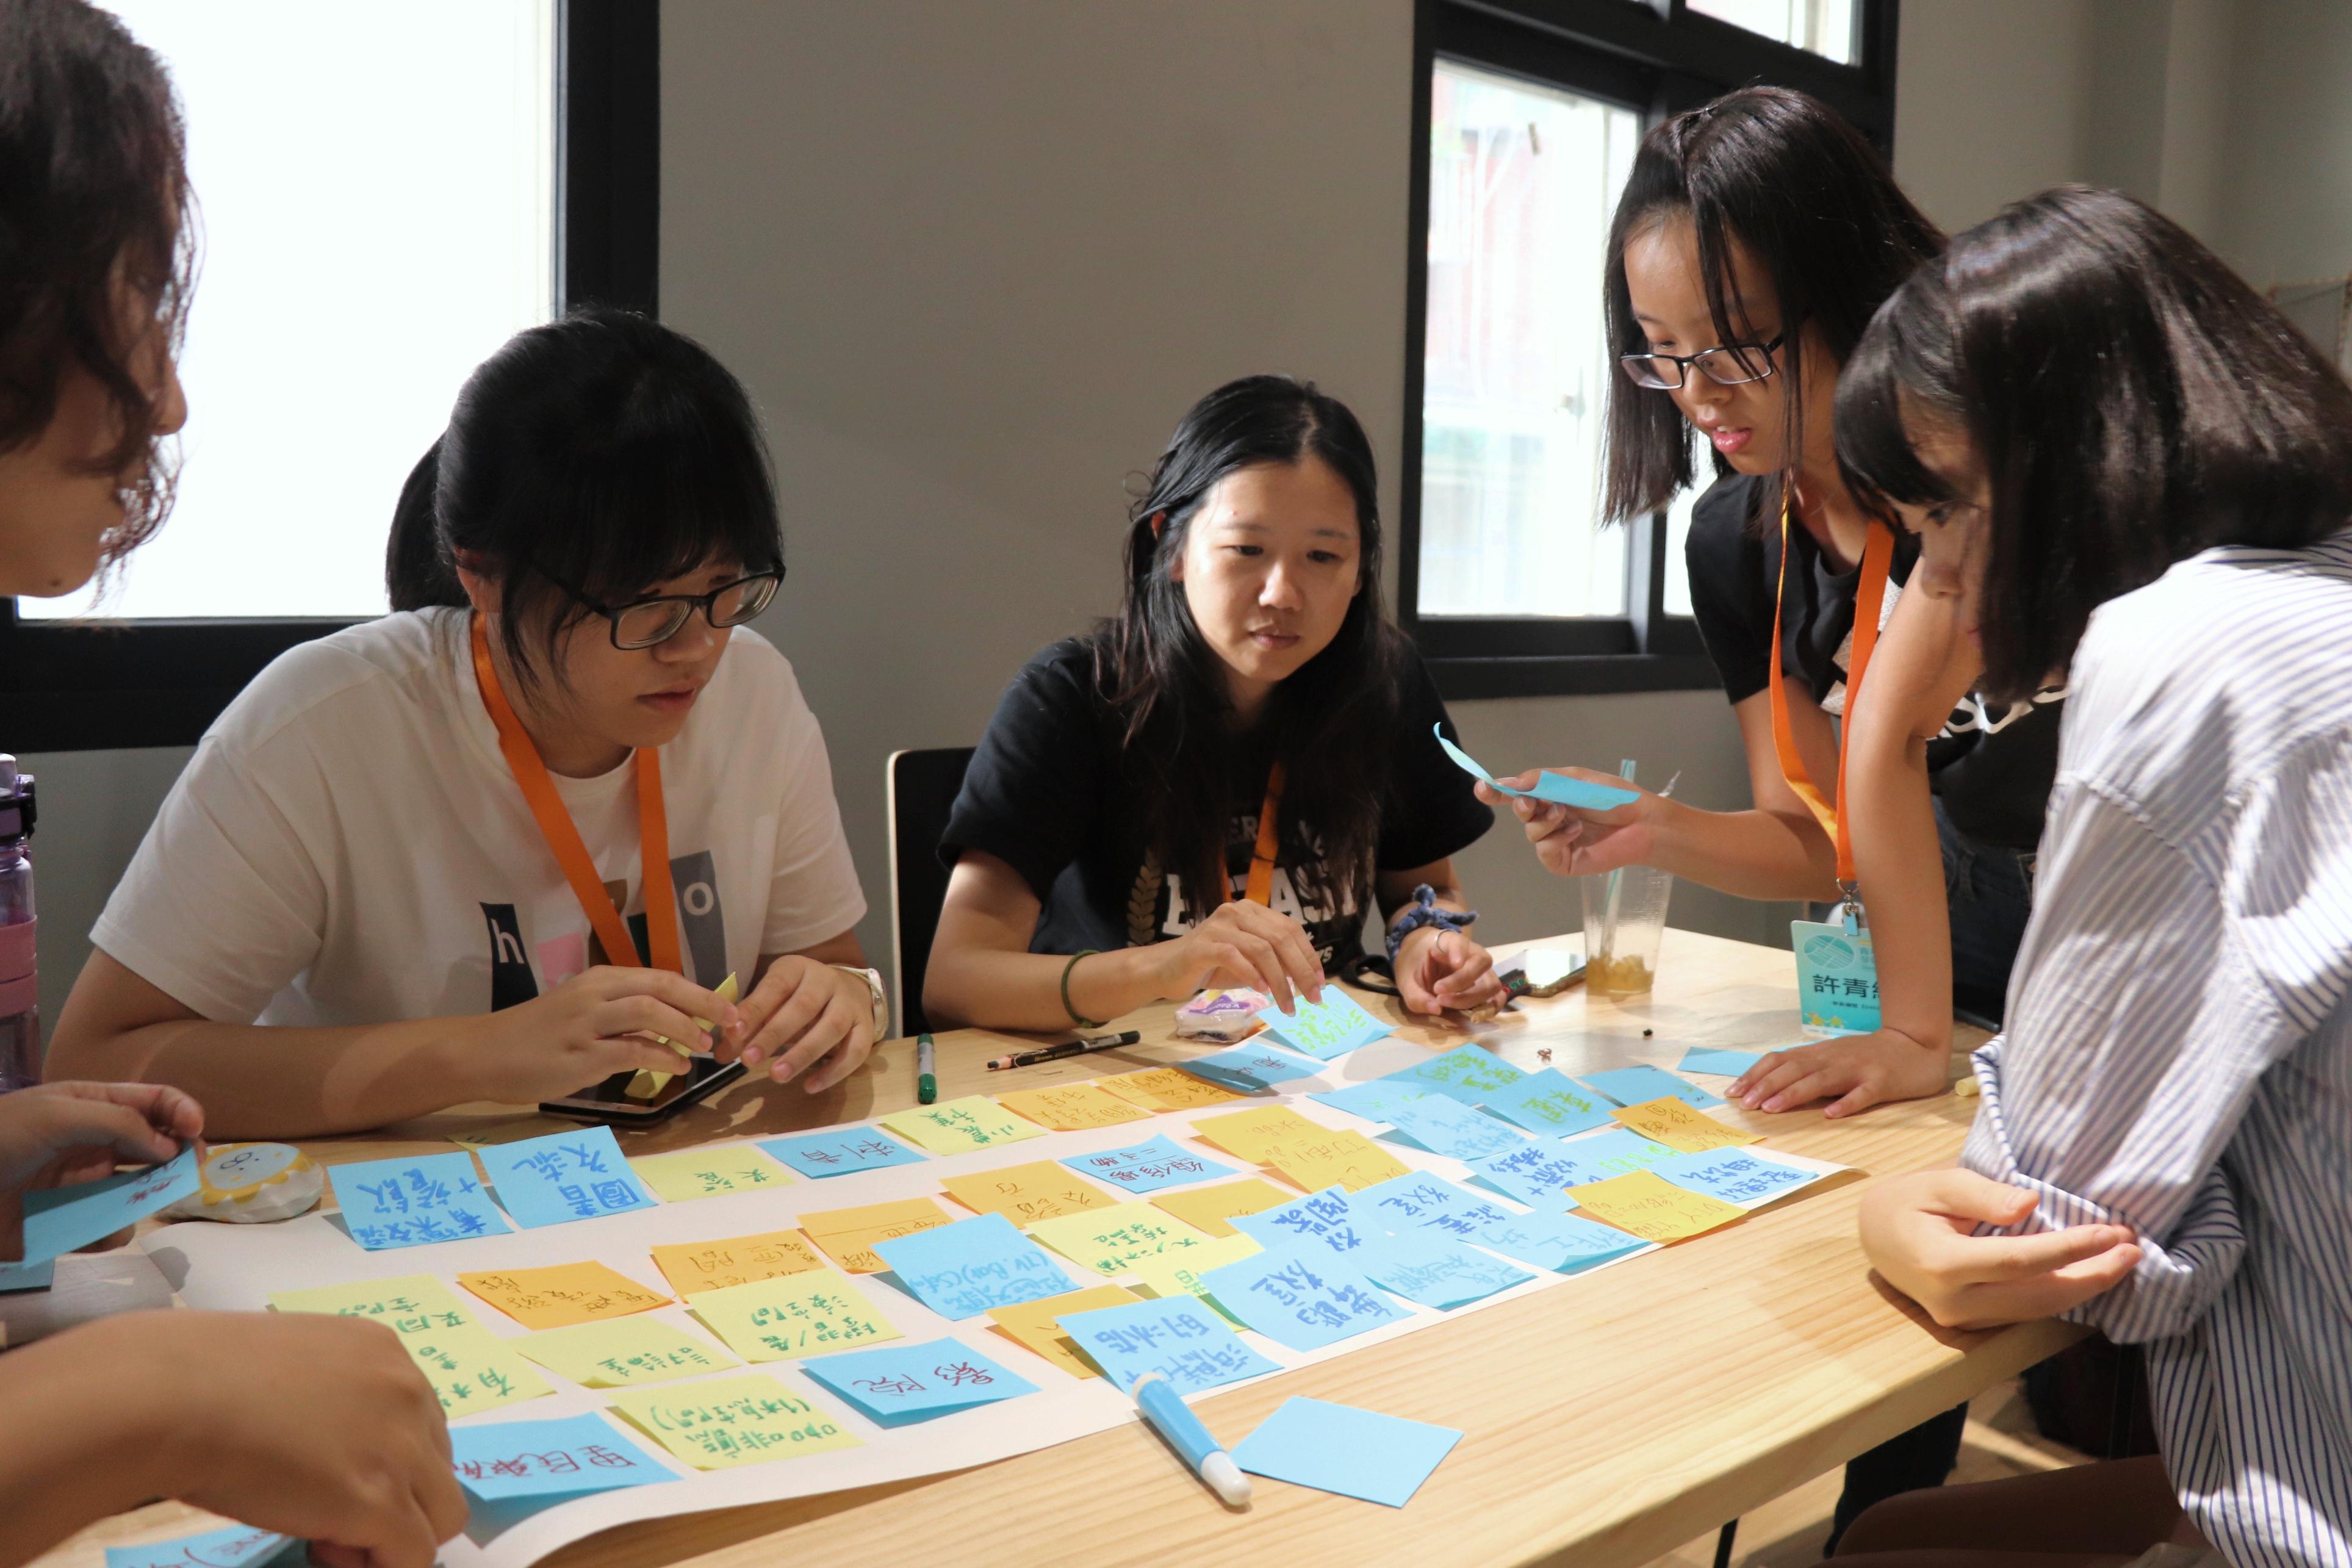 圖五:Dreamer學員們在星濱海港學校進行腦力激盪,討論地方空間利用的可能性。(攝/萬巧蓉)